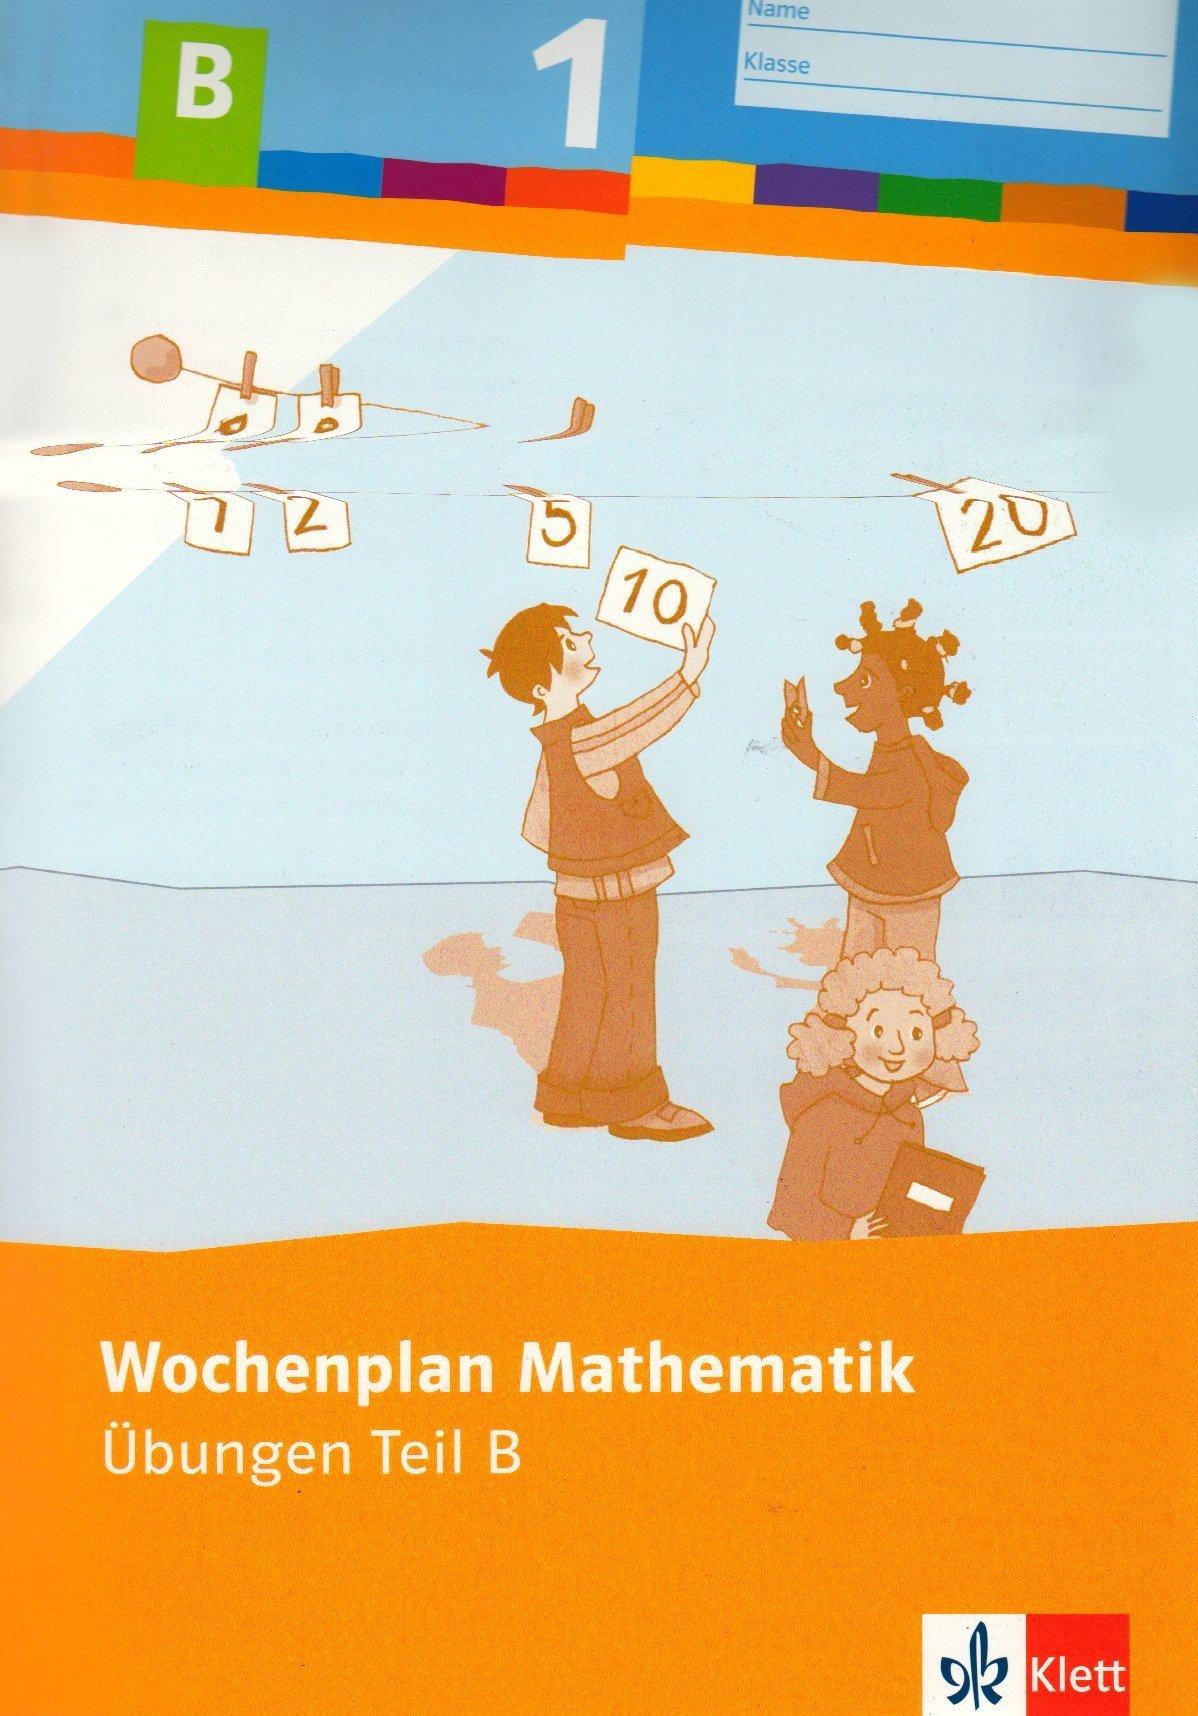 wochenplan-mathematik-1-schuljahr-bungen-teil-b